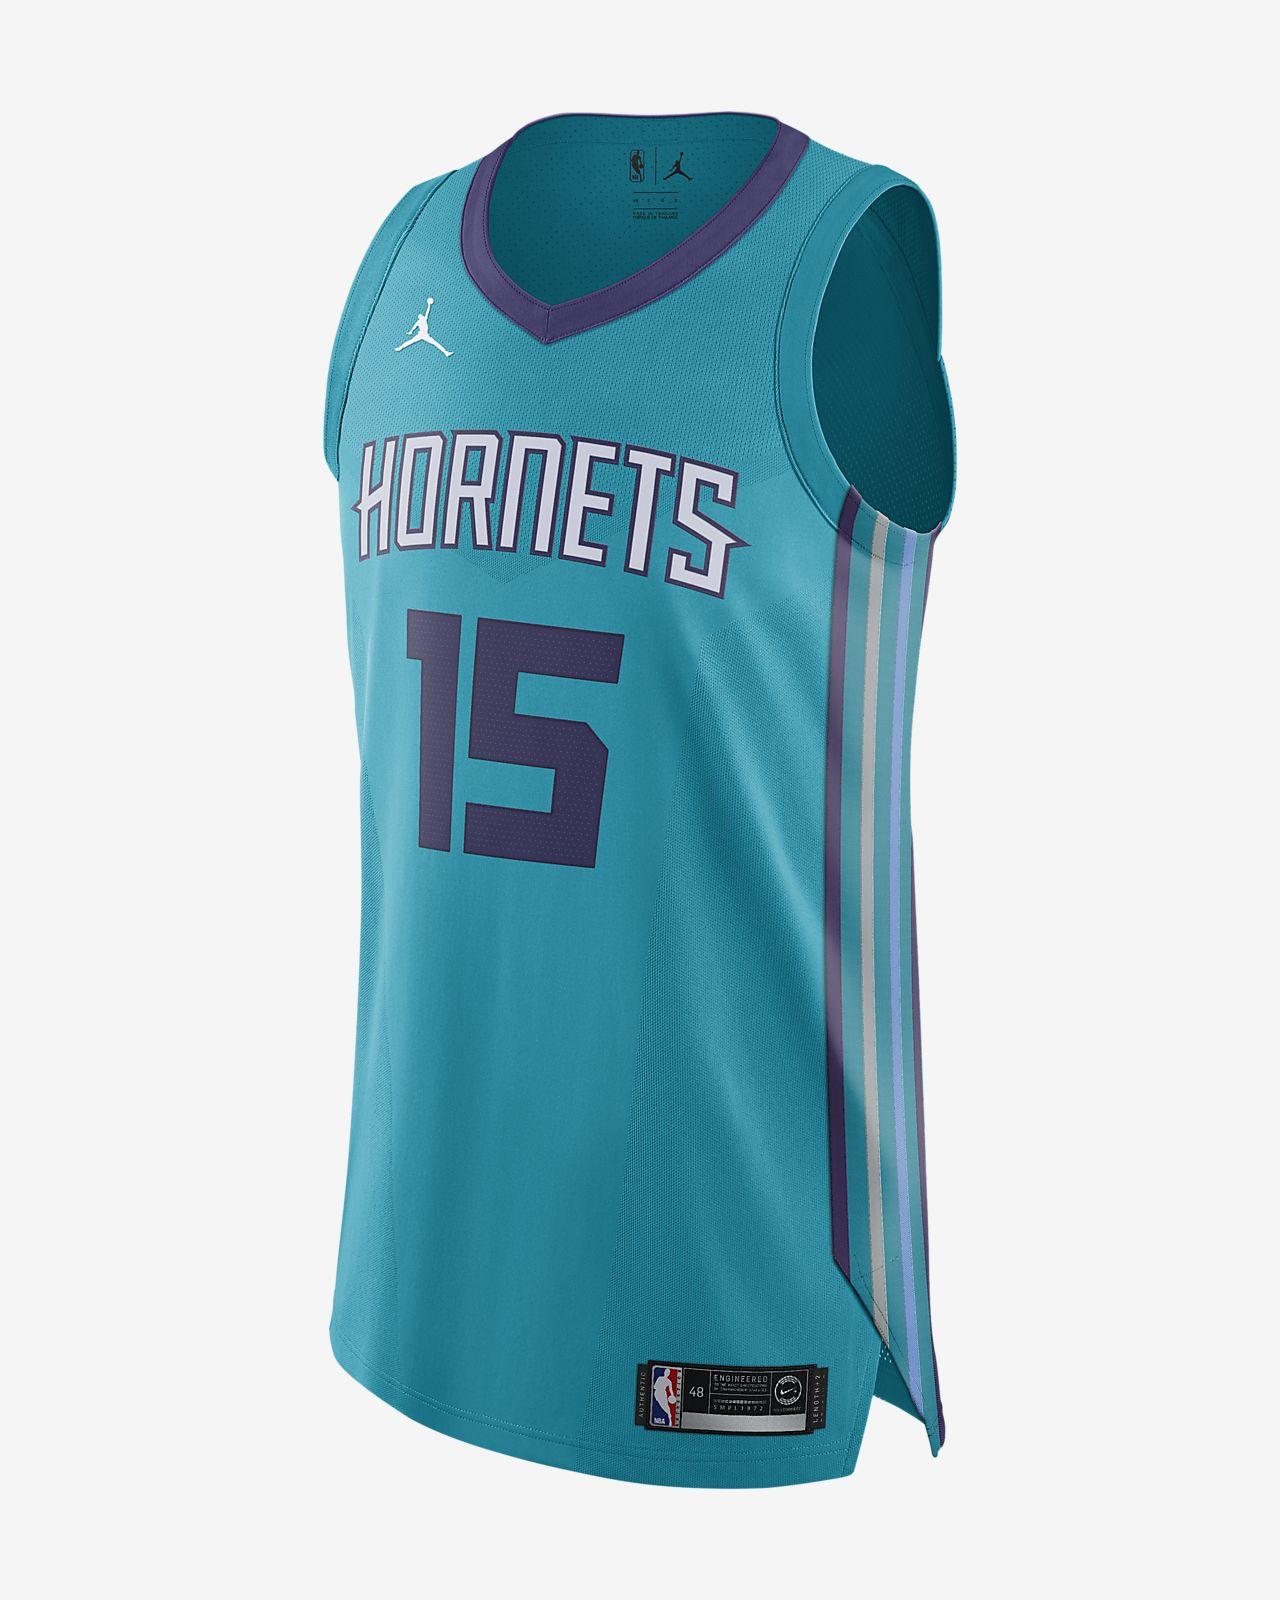 Camisola com ligação à NBA da Jordan Kemba Walker Icon Edition Authentic Jersey (Charlotte Hornets) para homem